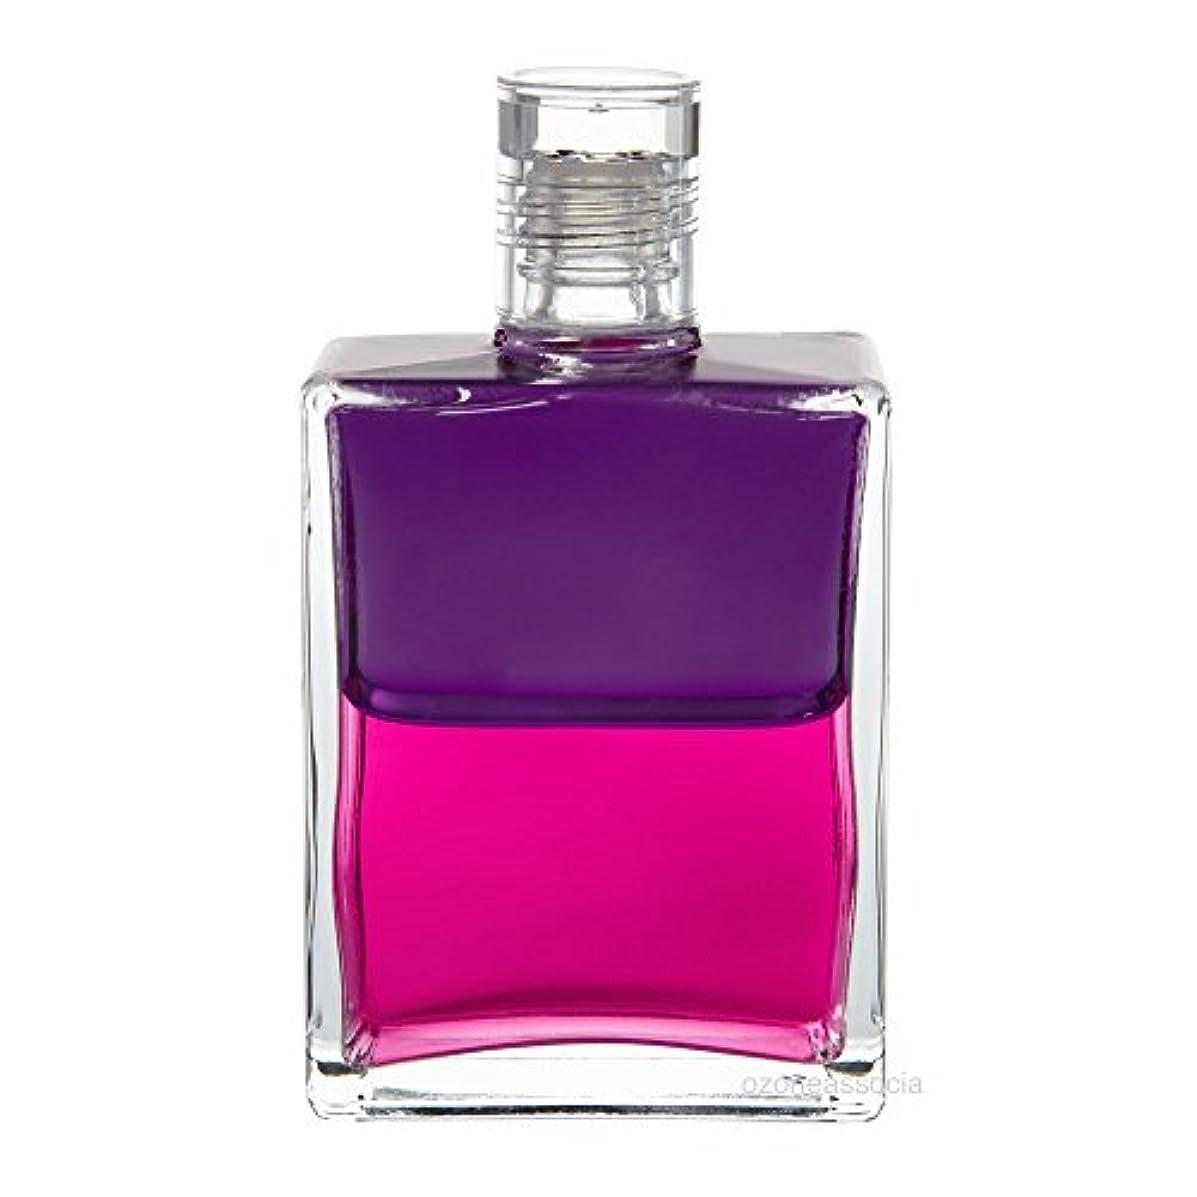 有料しがみつく帳面オーラソーマ ボトル 25番  回復期/ナイチンゲールのボトル (パープル/マゼンタ) イクイリブリアムボトル50ml Aurasoma